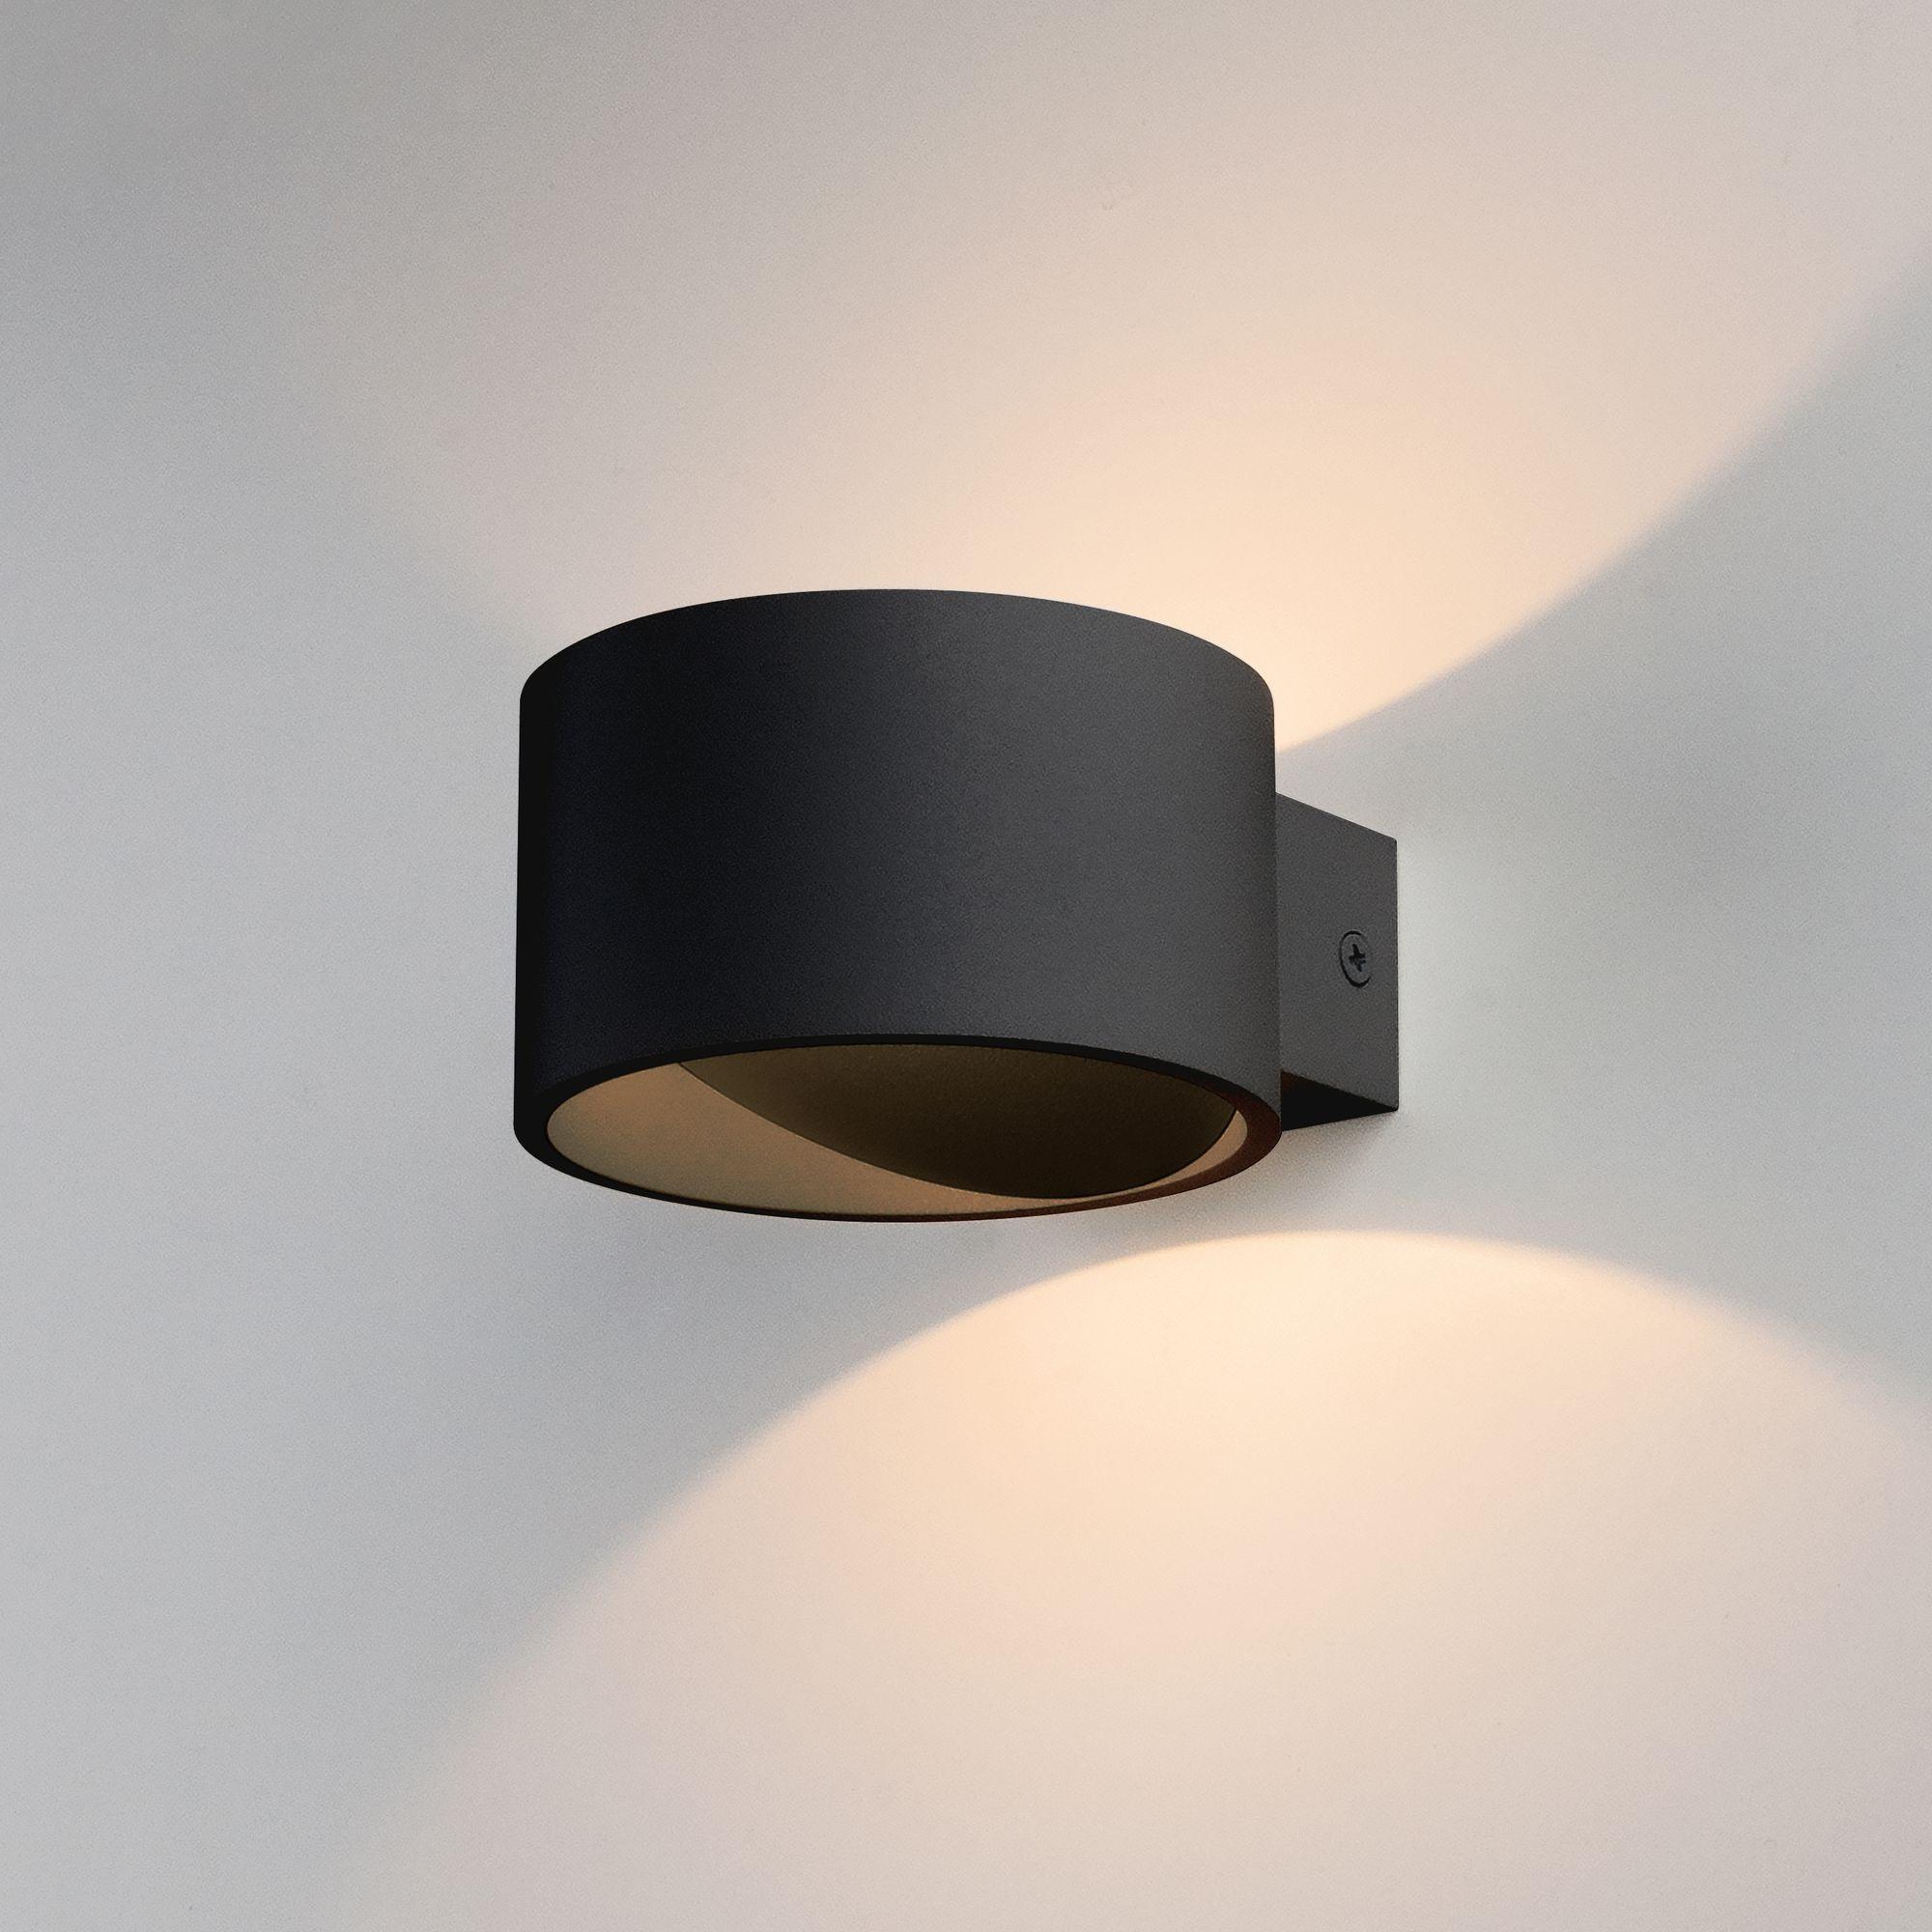 Настенный светодиодный светильник Coneto LED MRL LED 1045 чёрный